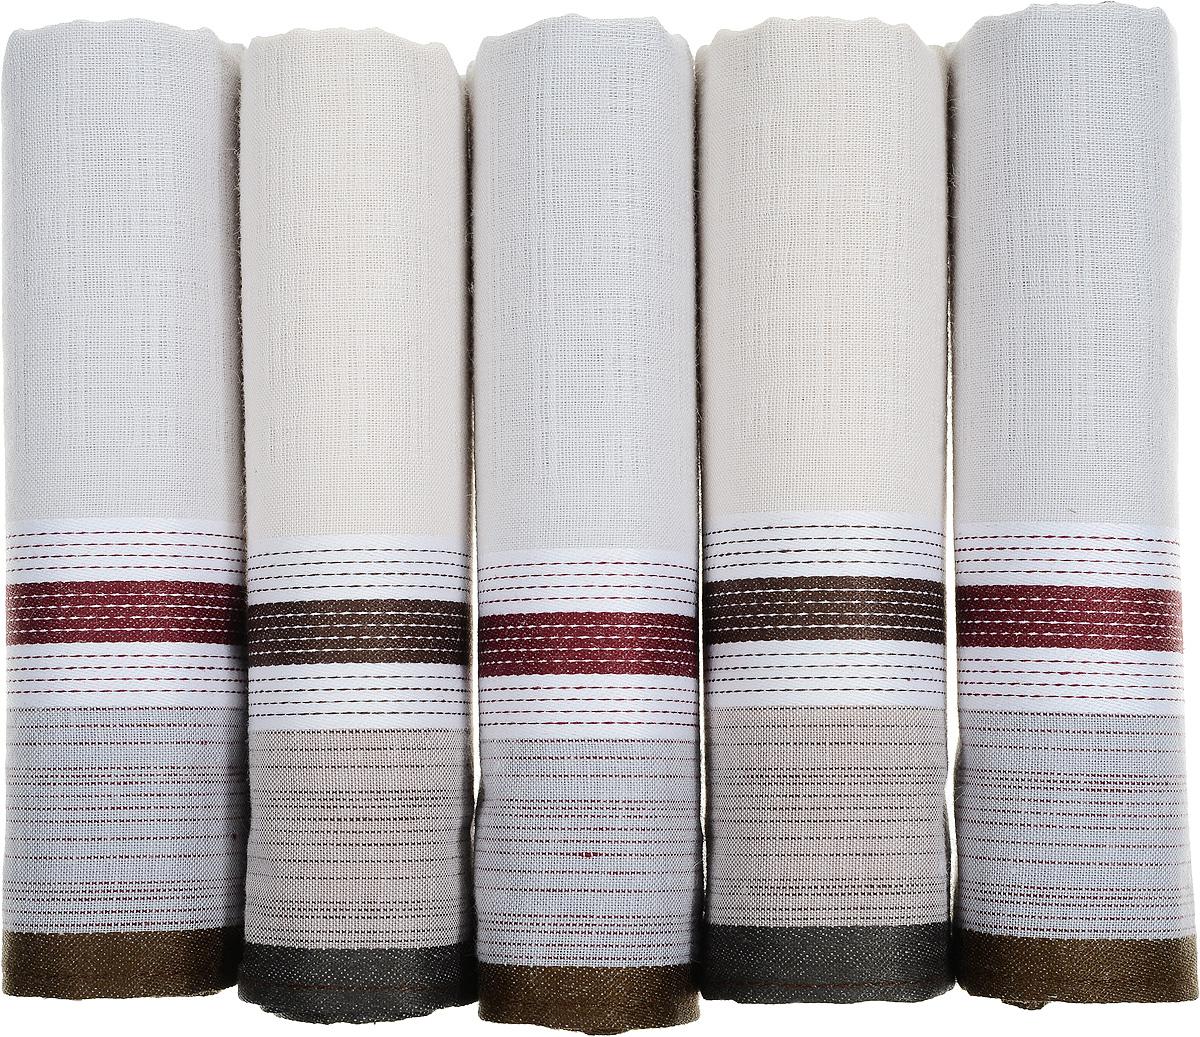 Платок носовой мужской Zlata Korunka, цвет: молочный, коричневый, 5 шт. 90512-11. Размер 43 см х 43 см90512-11Оригинальный мужской носовой платок Zlata Korunka изготовлен из высококачественного натурального хлопка, благодаря чему приятен в использовании, хорошо стирается, не садится и отлично впитывает влагу. Практичный и изящный носовой платок будет незаменим в повседневной жизни любого современного человека. Такой платок послужит стильным аксессуаром и подчеркнет ваше превосходное чувство вкуса. В комплекте 5 платков.